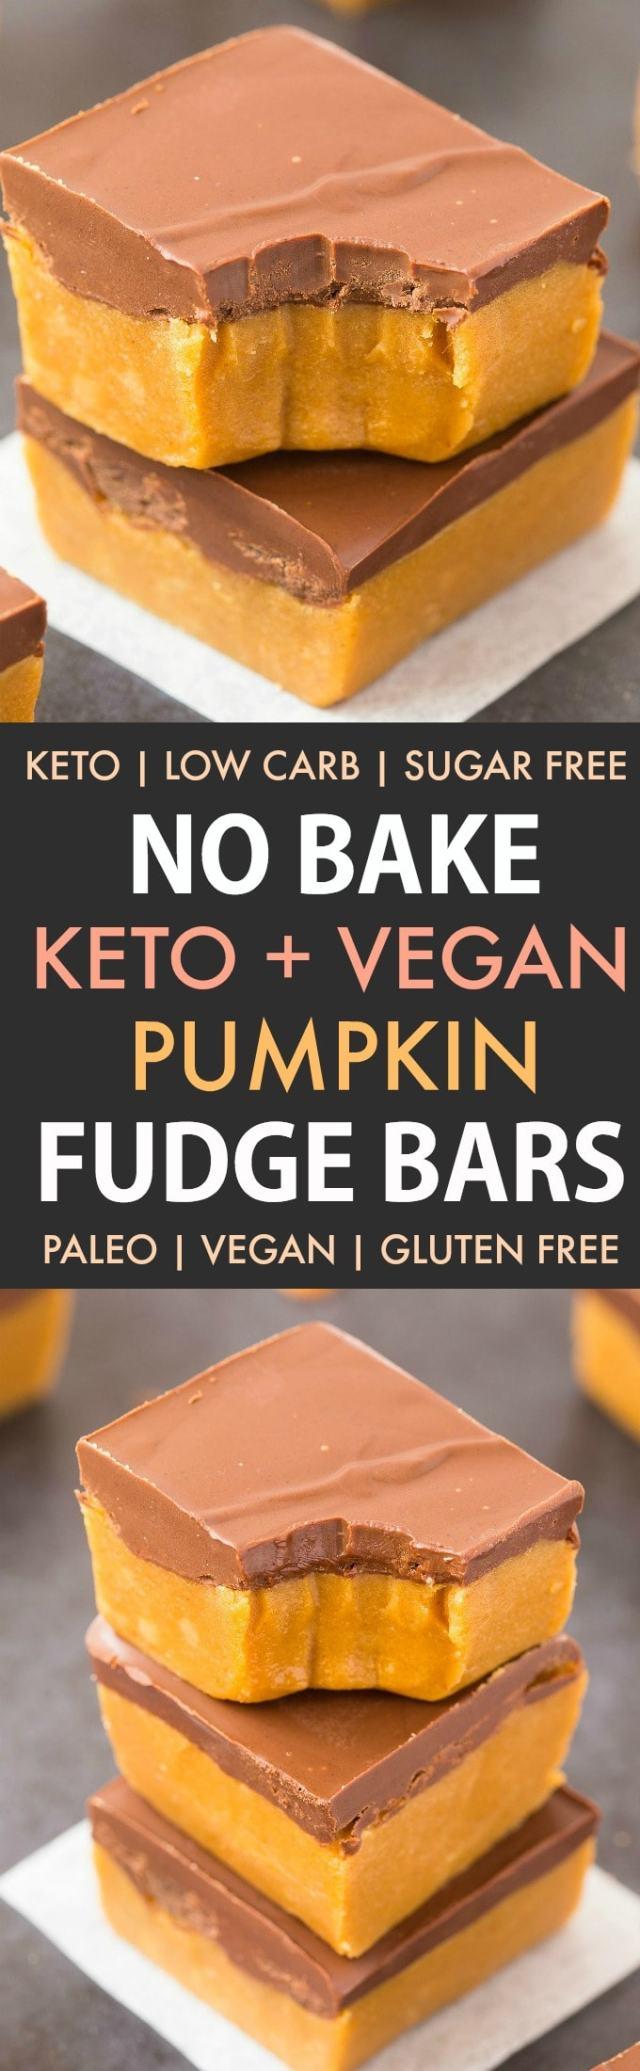 Healthy No Bake Pumpkin Fudge Bars in a collage